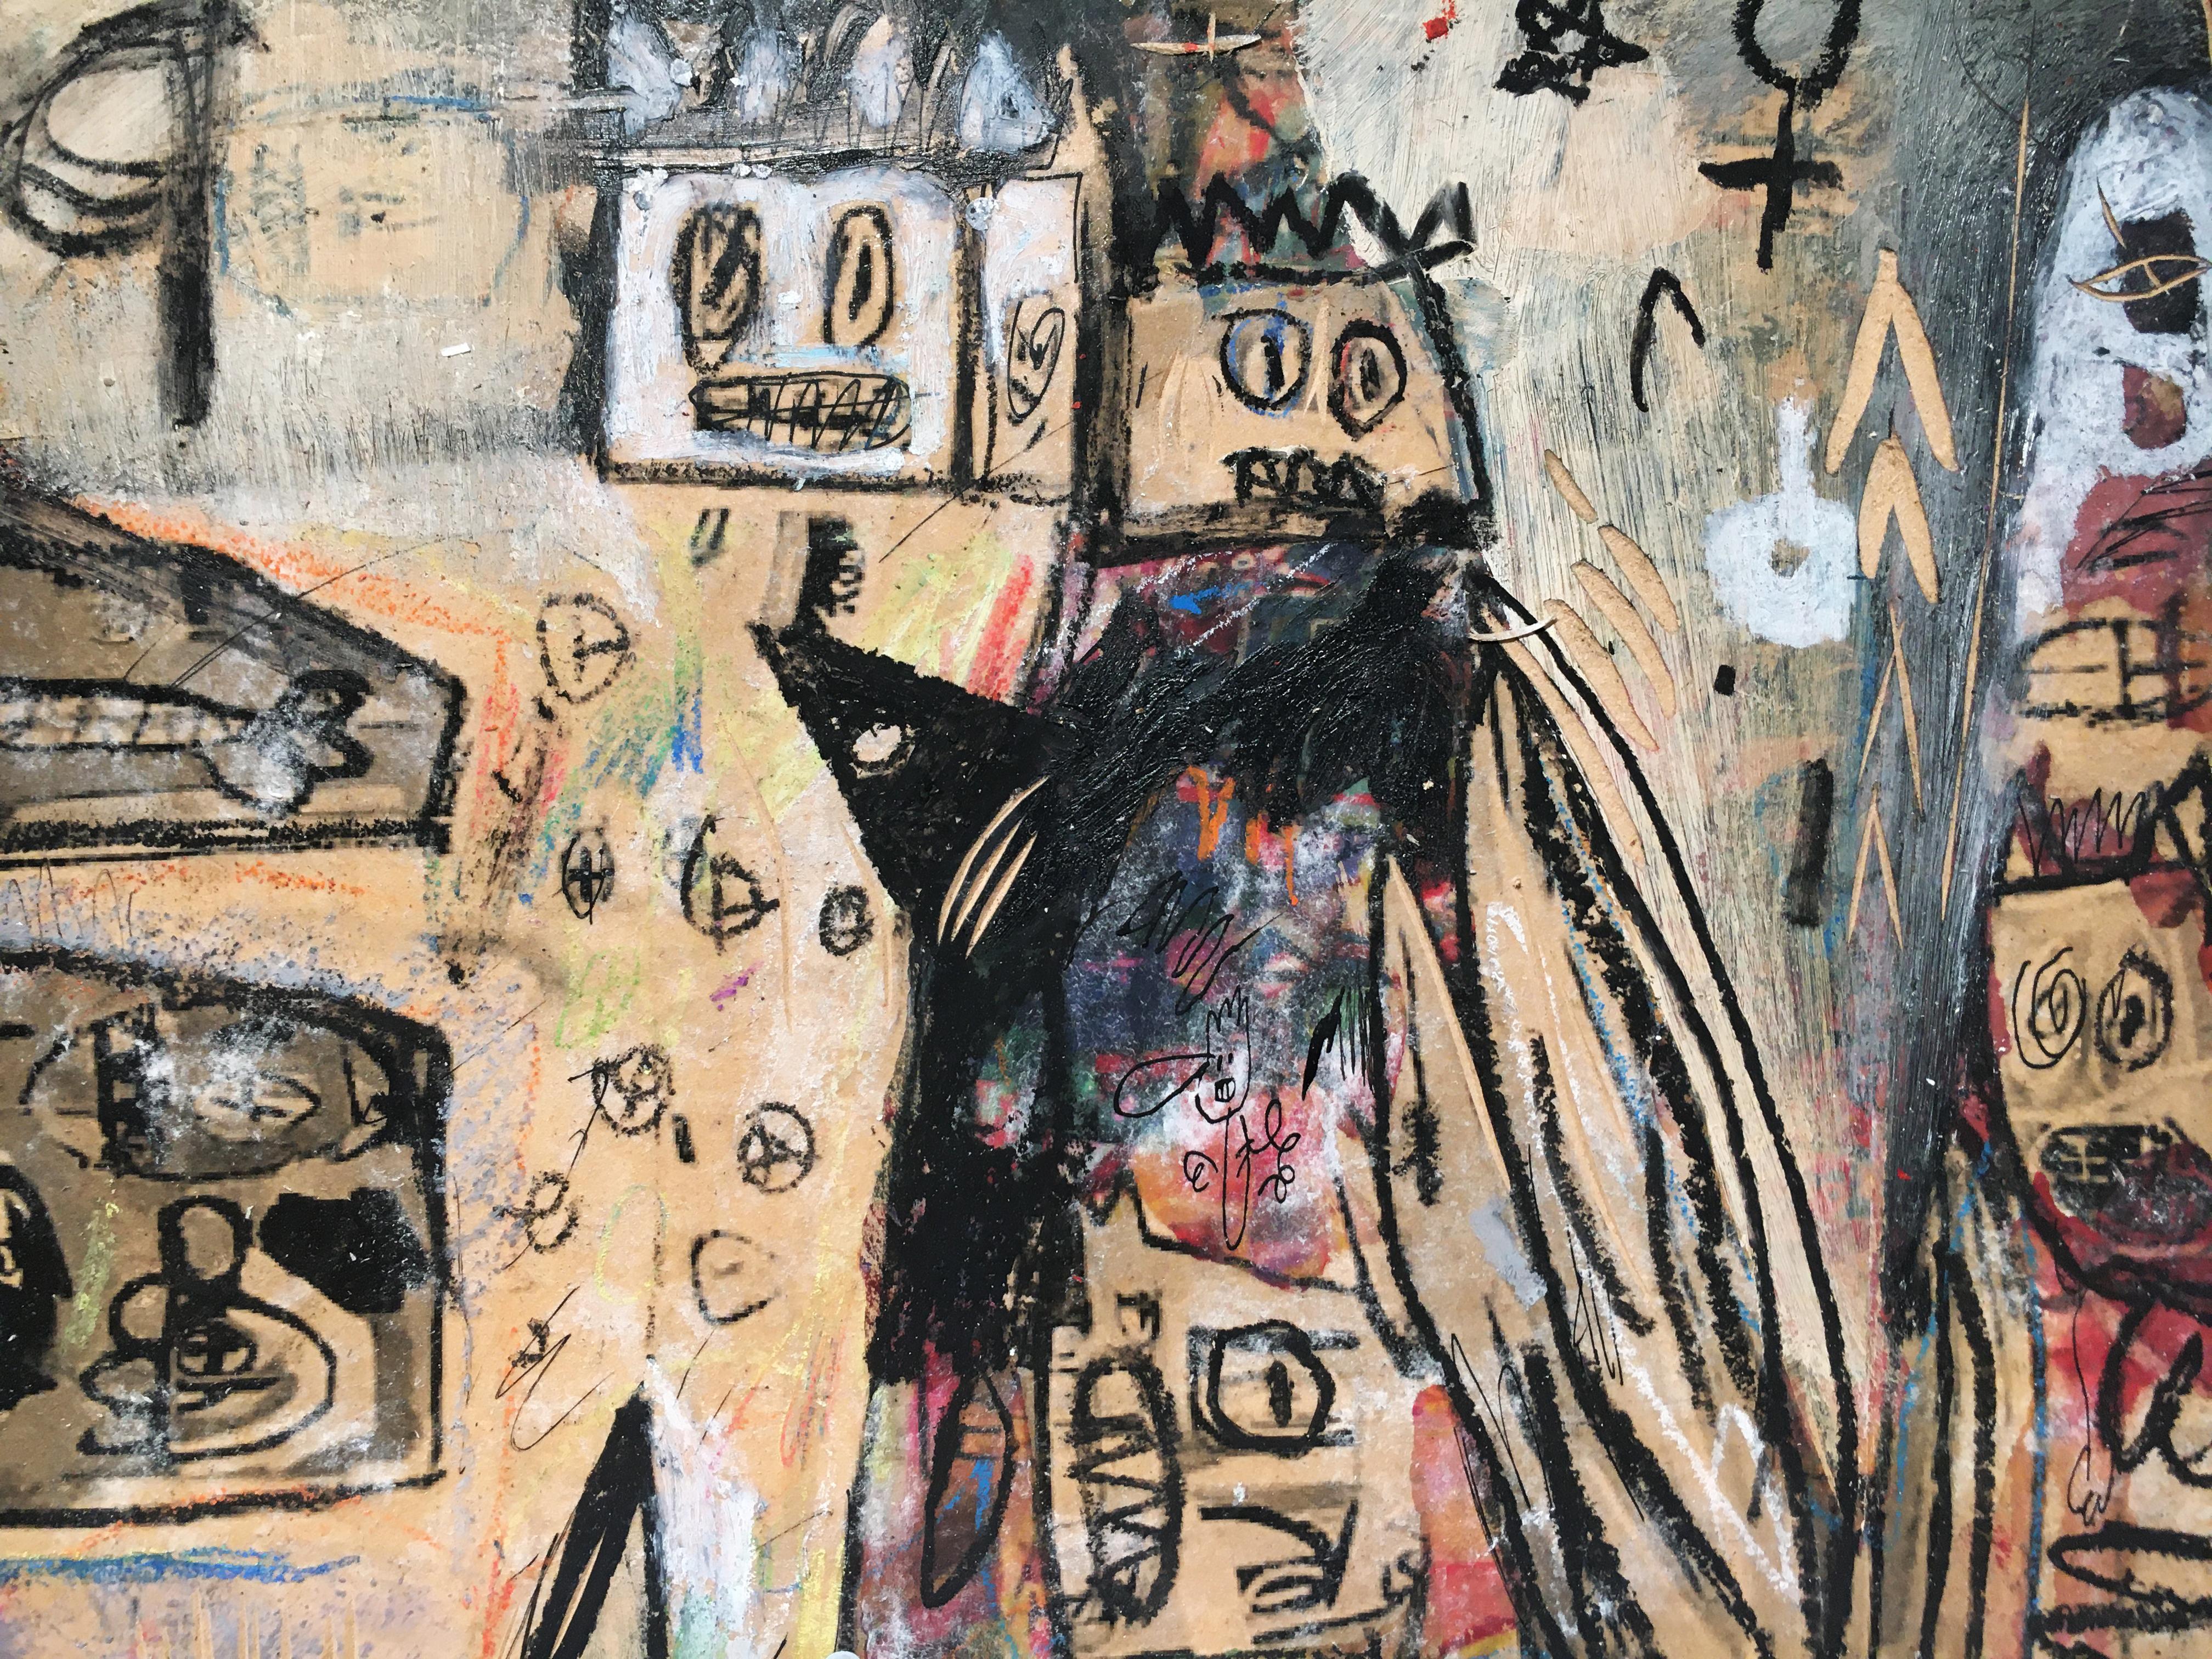 張瓊方,《媽媽與女兒的一日》細節,25 x 35 cm,油彩、蠟筆、木板、壓克力板,2020。